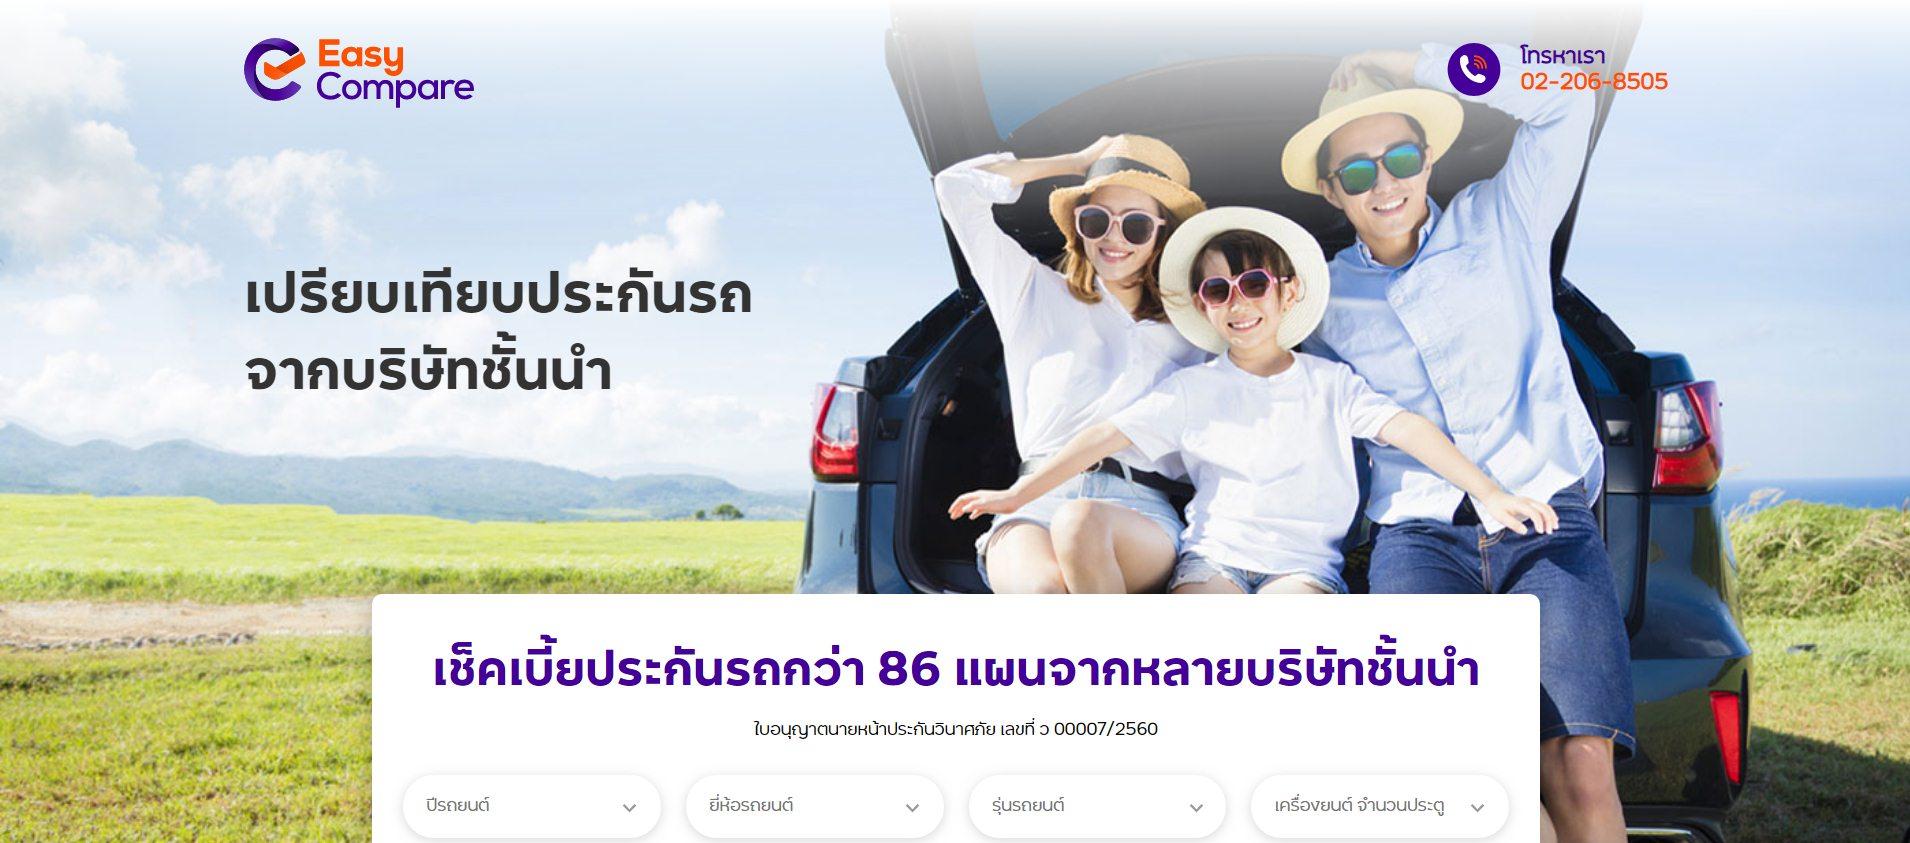 ประกันภัยรถยนต์ ที่เข้าใจได้ง่ายๆ เปรียบเทียบได้ง่ายๆ แถมเวลาซื้อก็ยิ่งง่าย เราพร้อมแนะนำตัวเลือกที่ดีที่สุดสำหรับคุณ และงบในกระเป๋าของคุณ